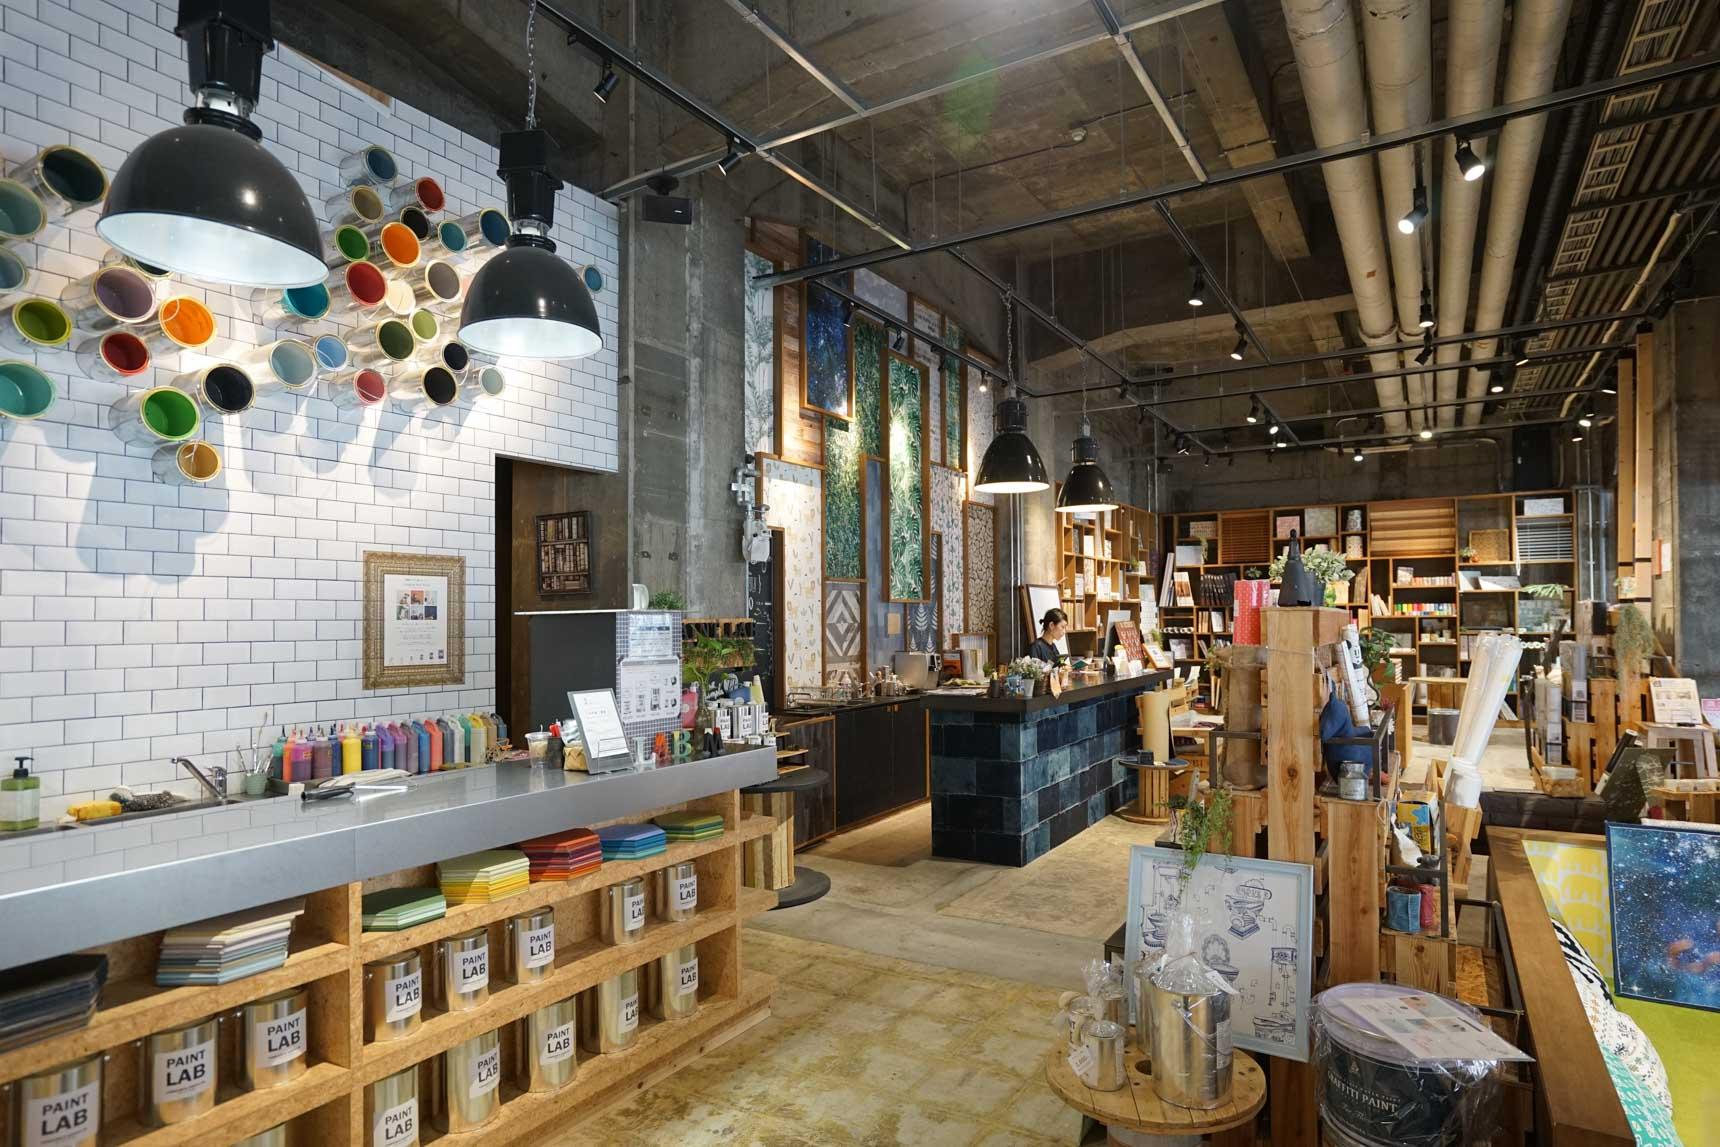 壁紙屋本舗で扱う商品のカタログが集まり、塗料の調色ができる「ペイントラボ」もあります。